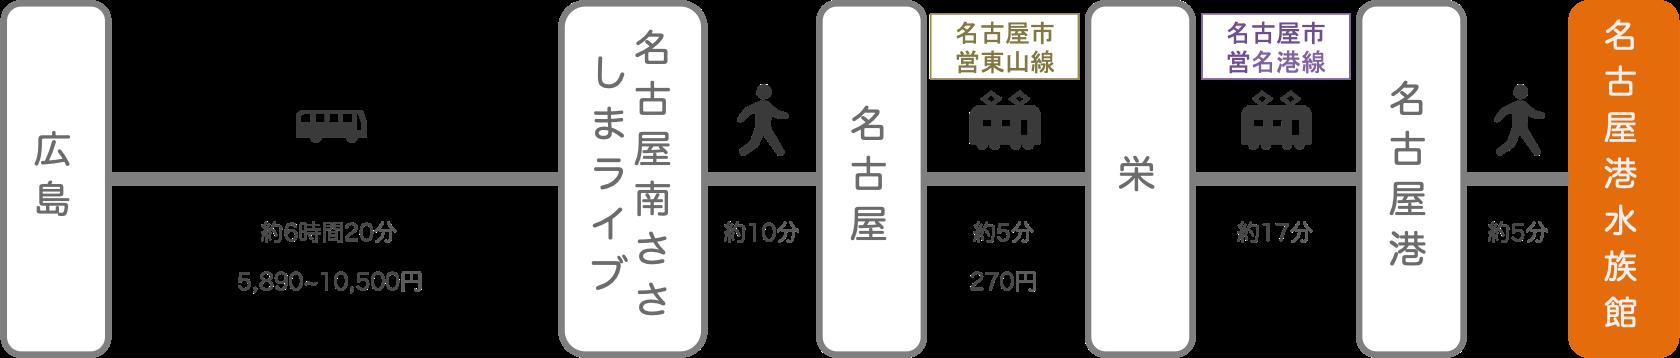 名古屋港水族館_広島_高速バス